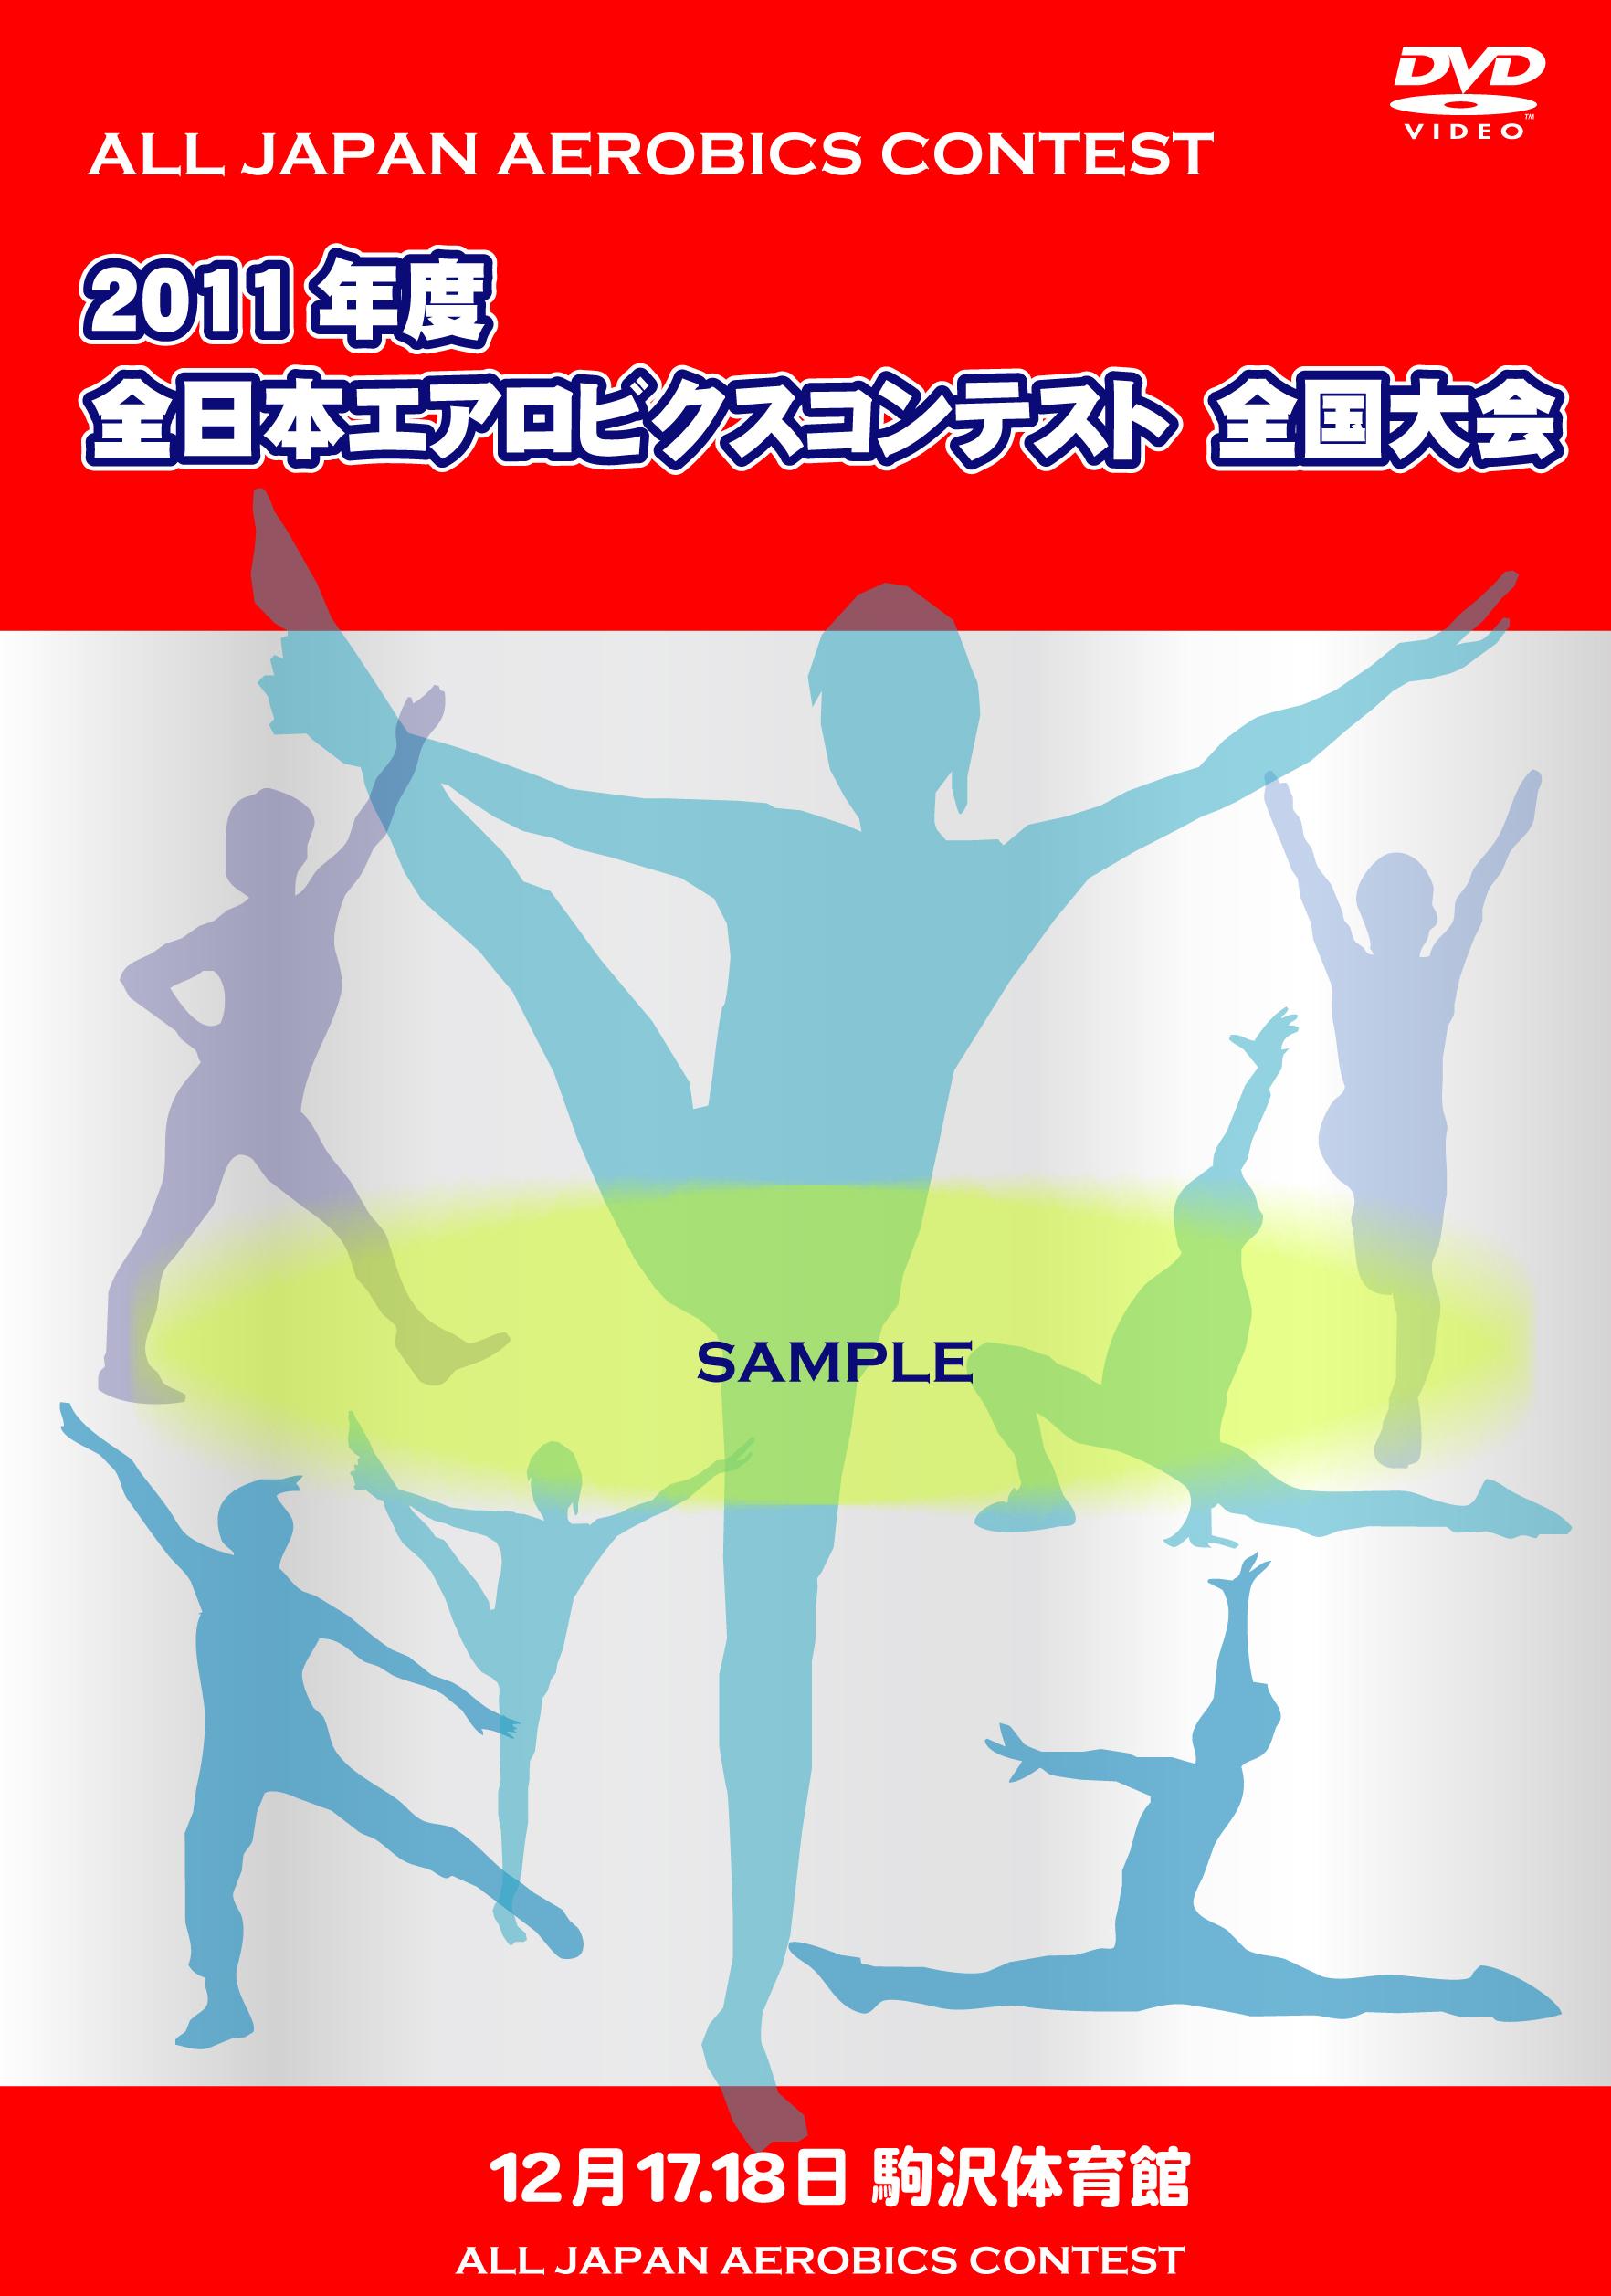 2011全国大会 キッドシングル ファイナル